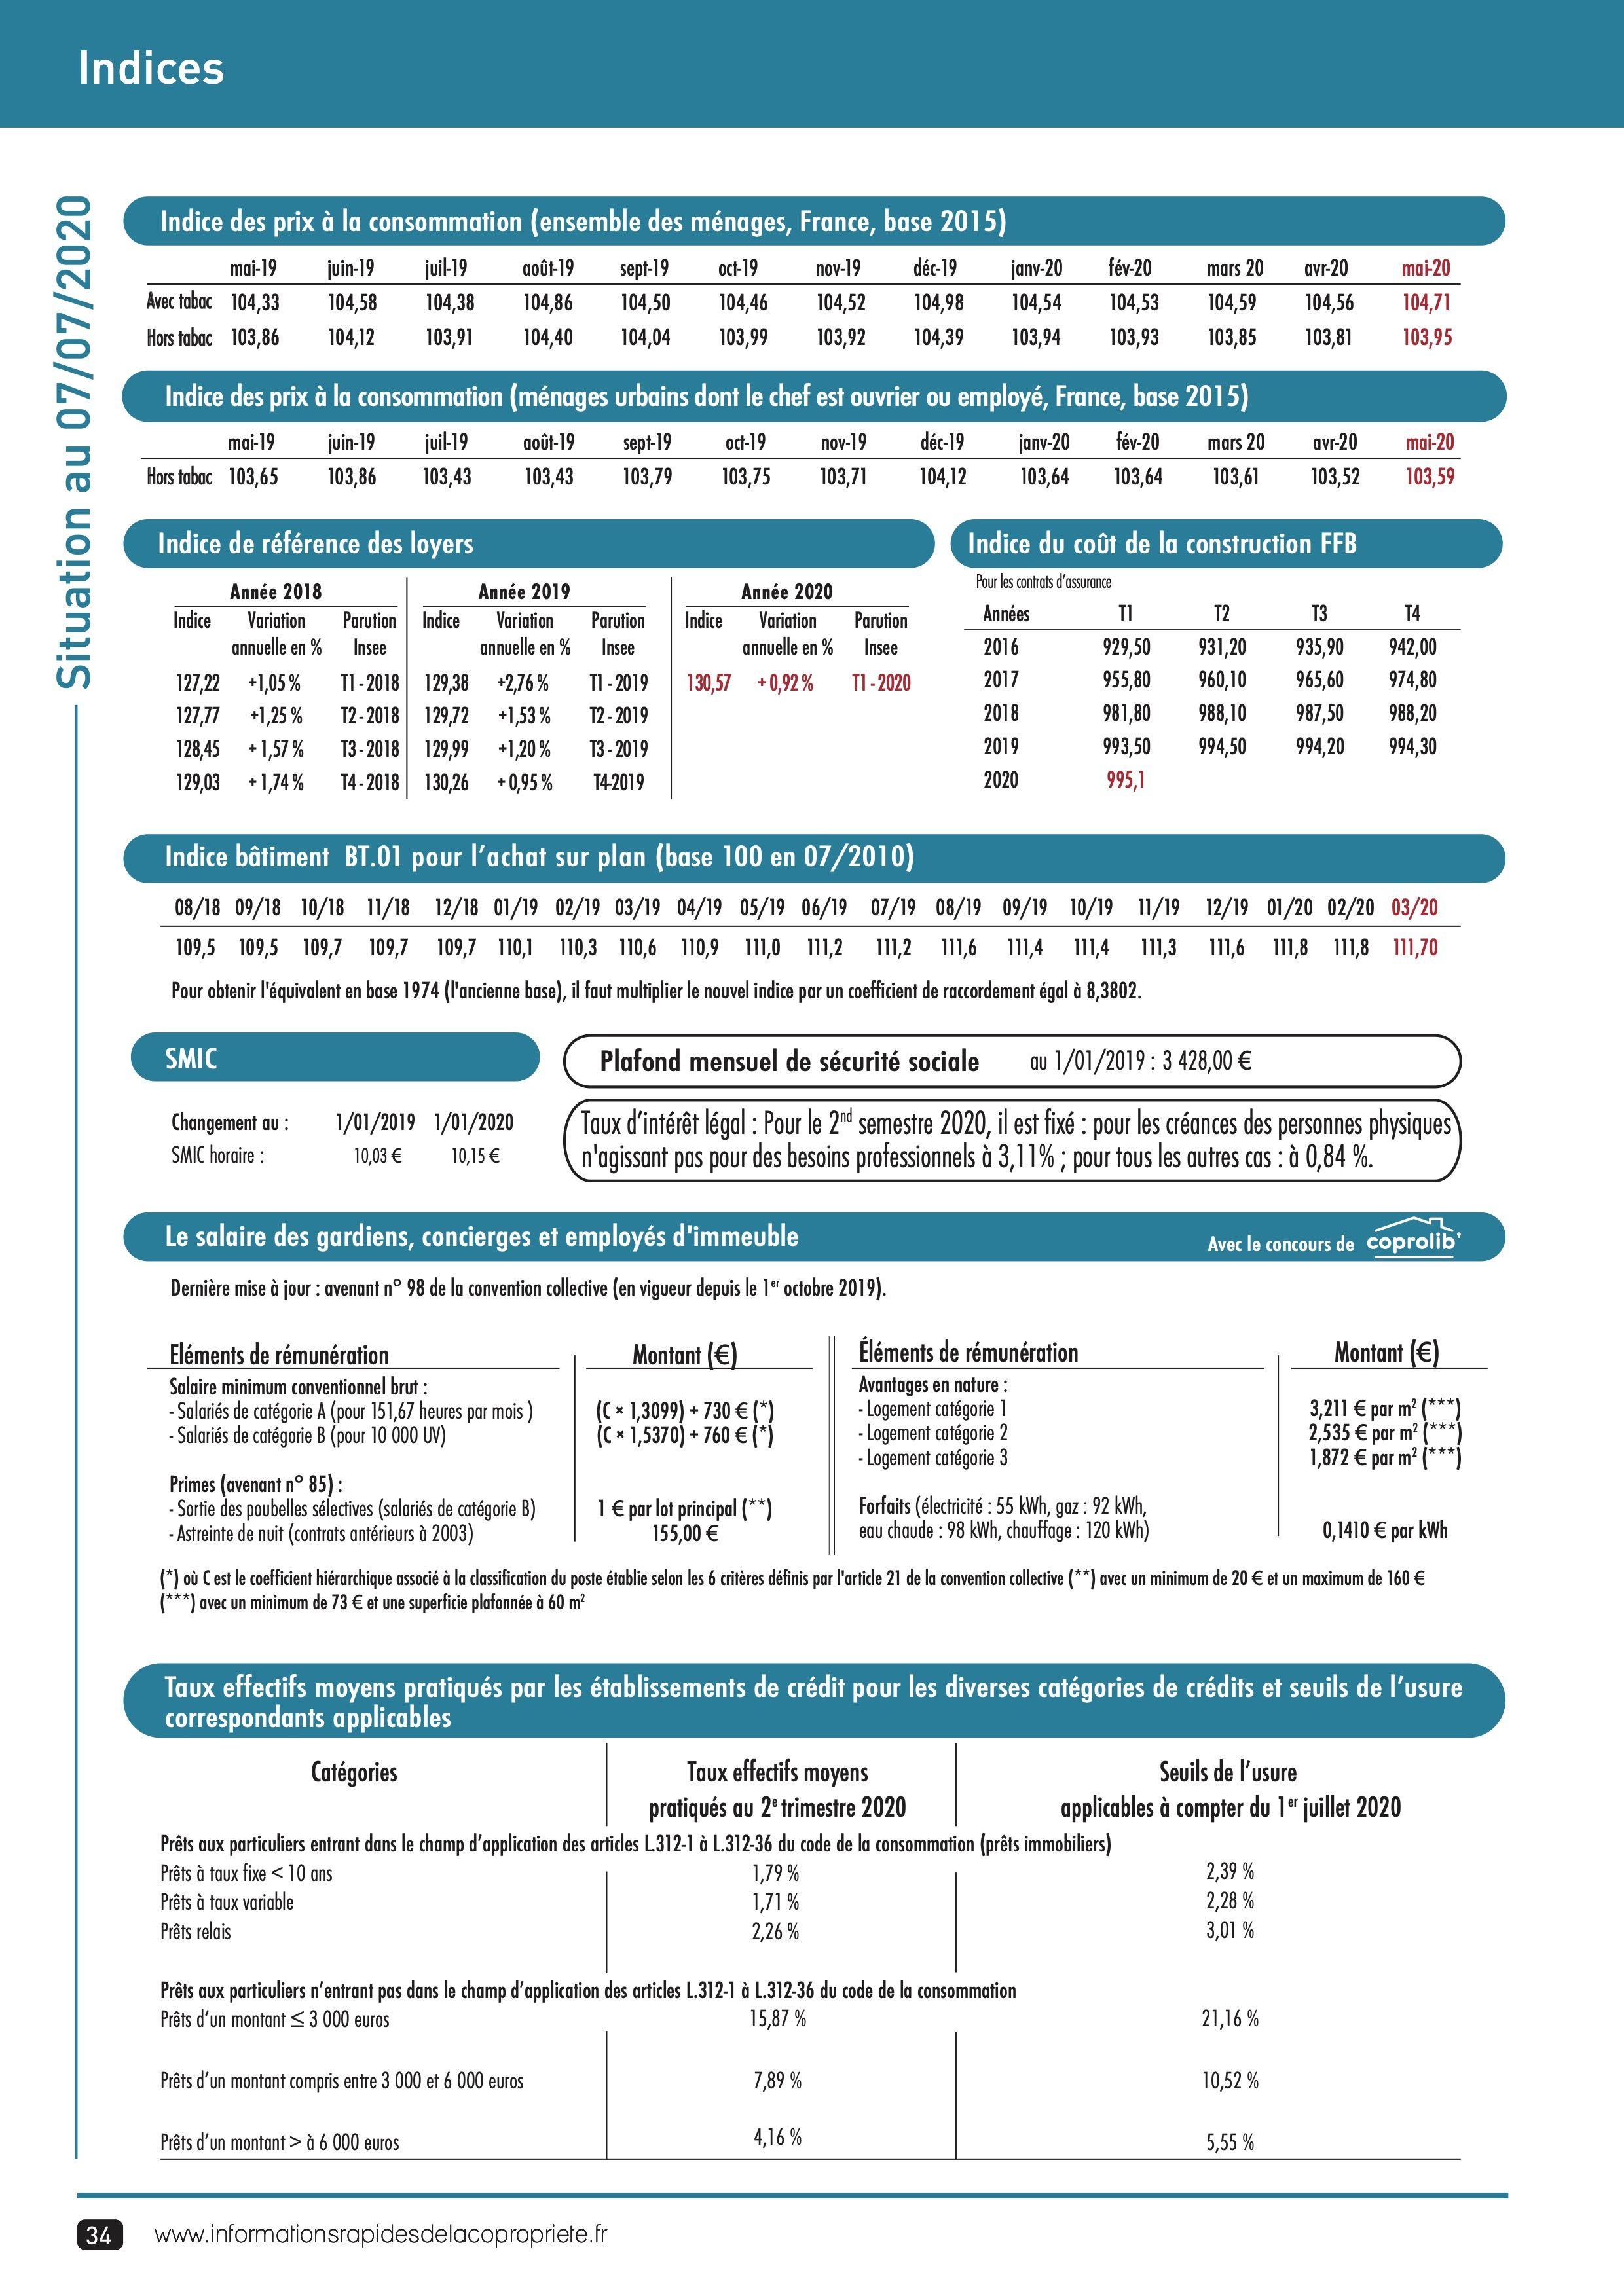 Indices au 07/07/2020